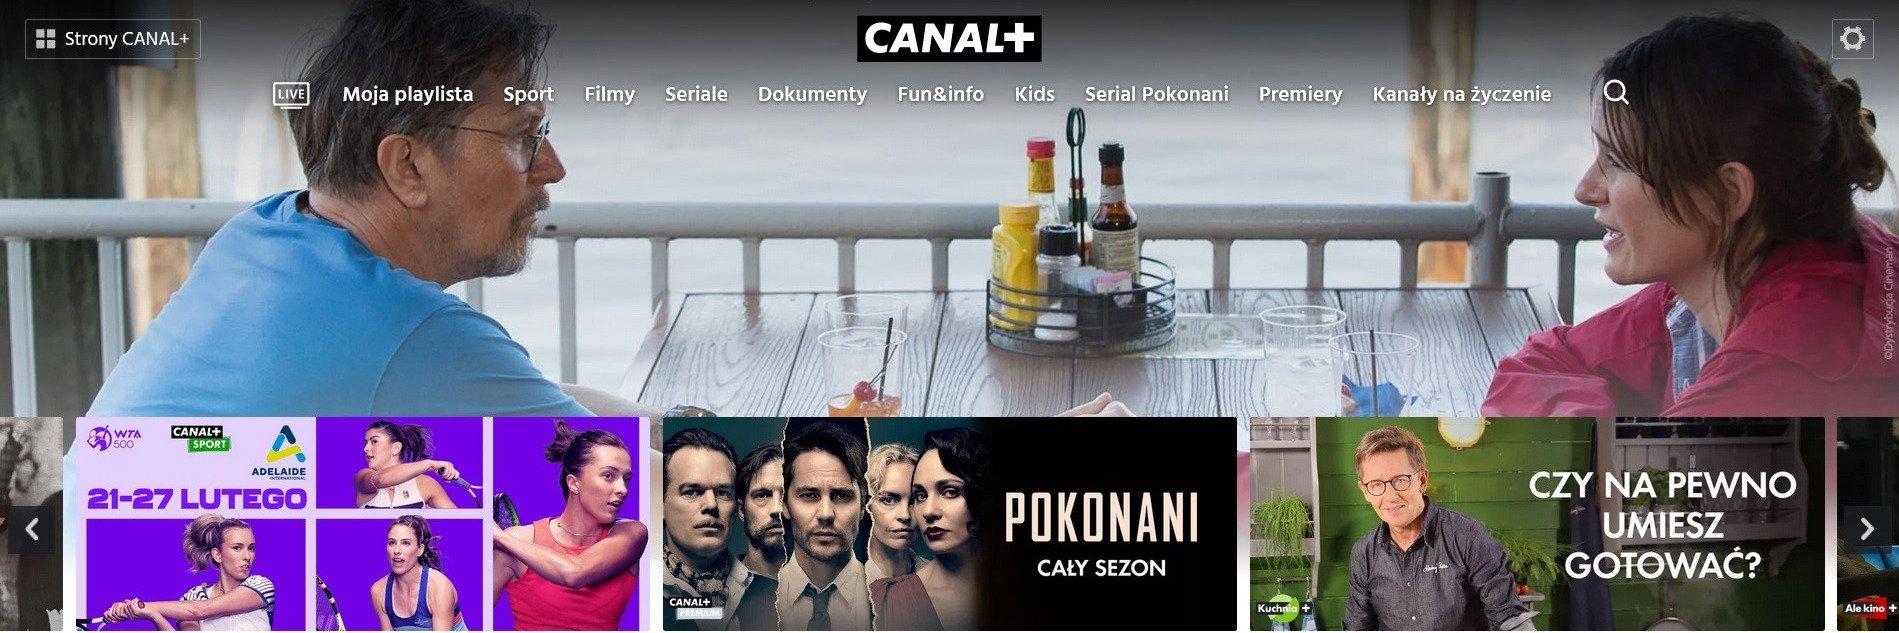 """""""Zapłać z Play"""" - nowa metoda płatności w serwisie CANAL+ online"""